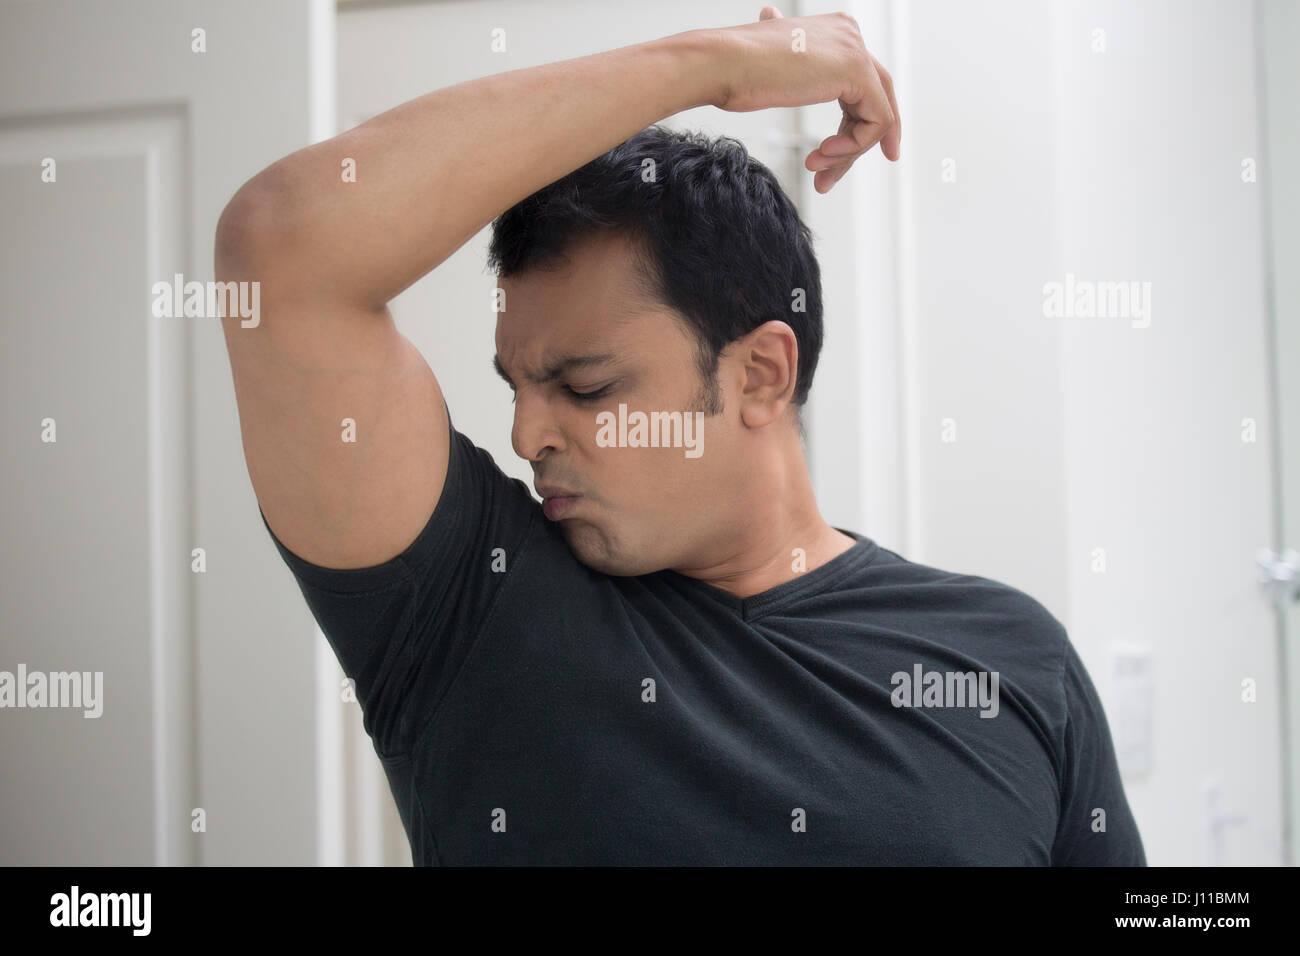 Closeup retrato, grumpy sudoroso joven negro camiseta, aspirando a sí mismo, aislado, situación muy mal Imagen De Stock